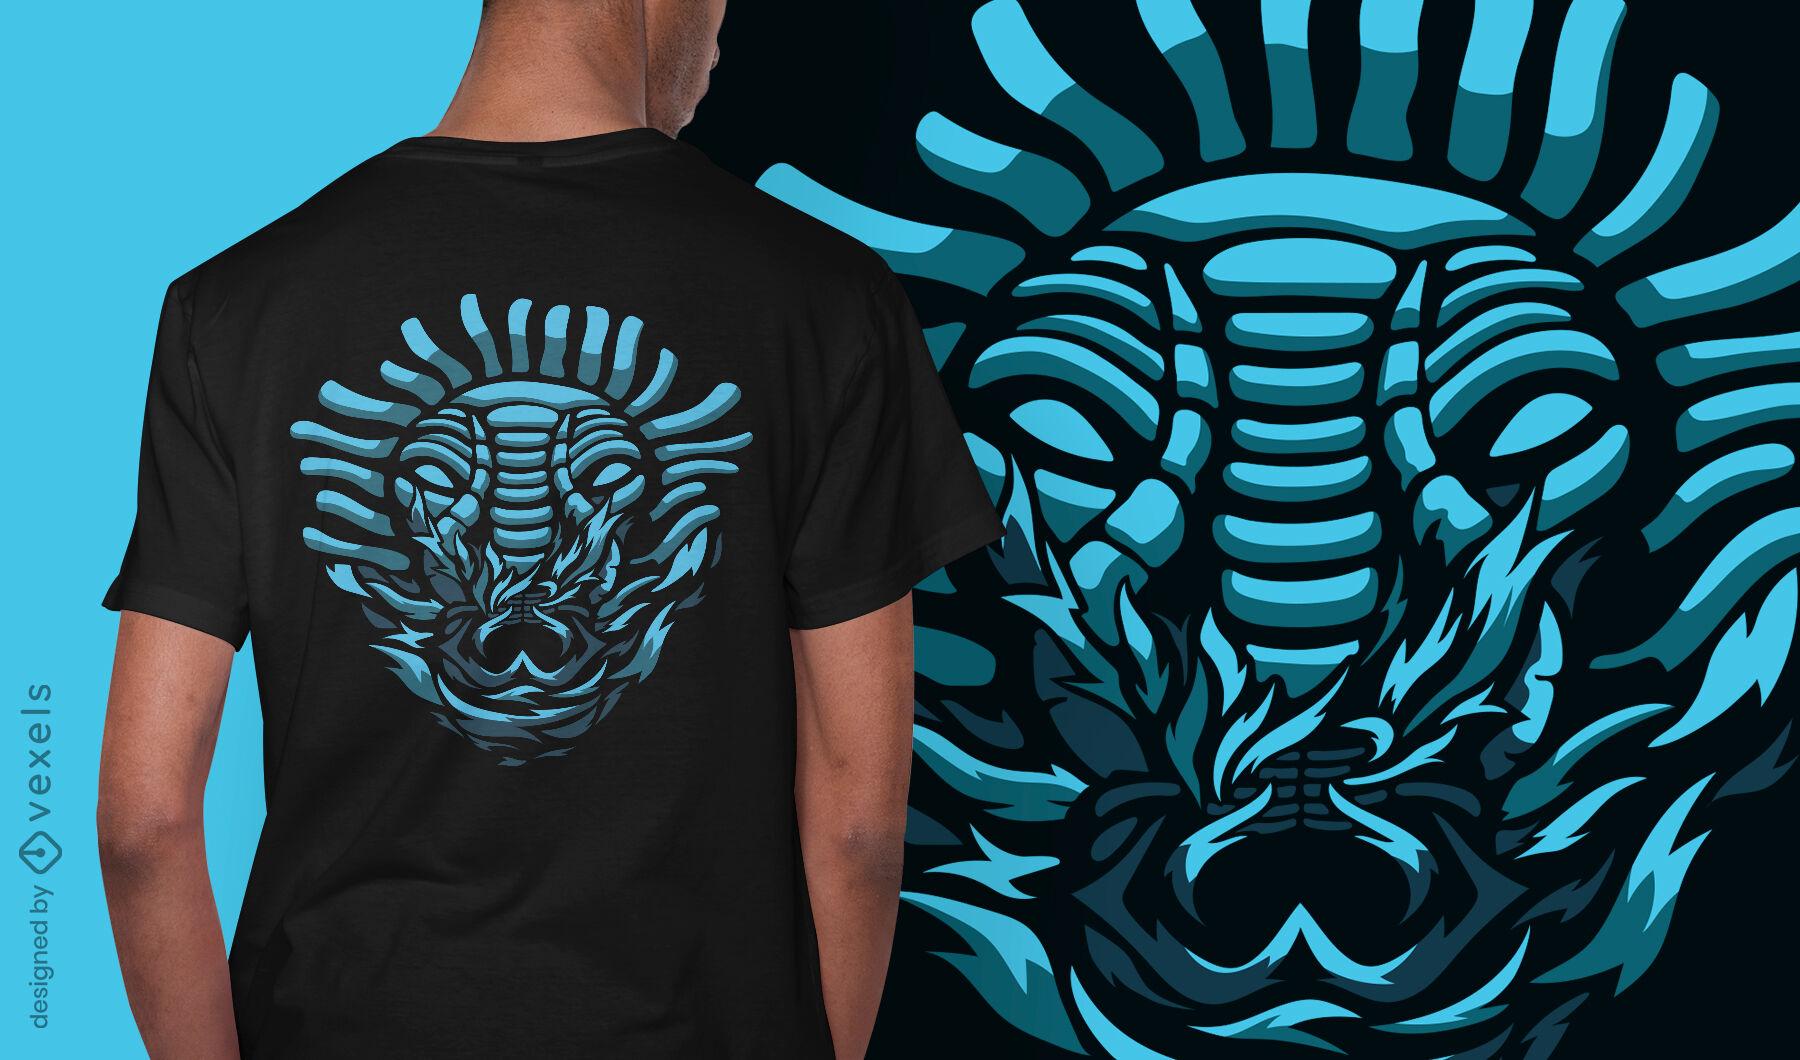 Dark creature demon mask t-shirt design